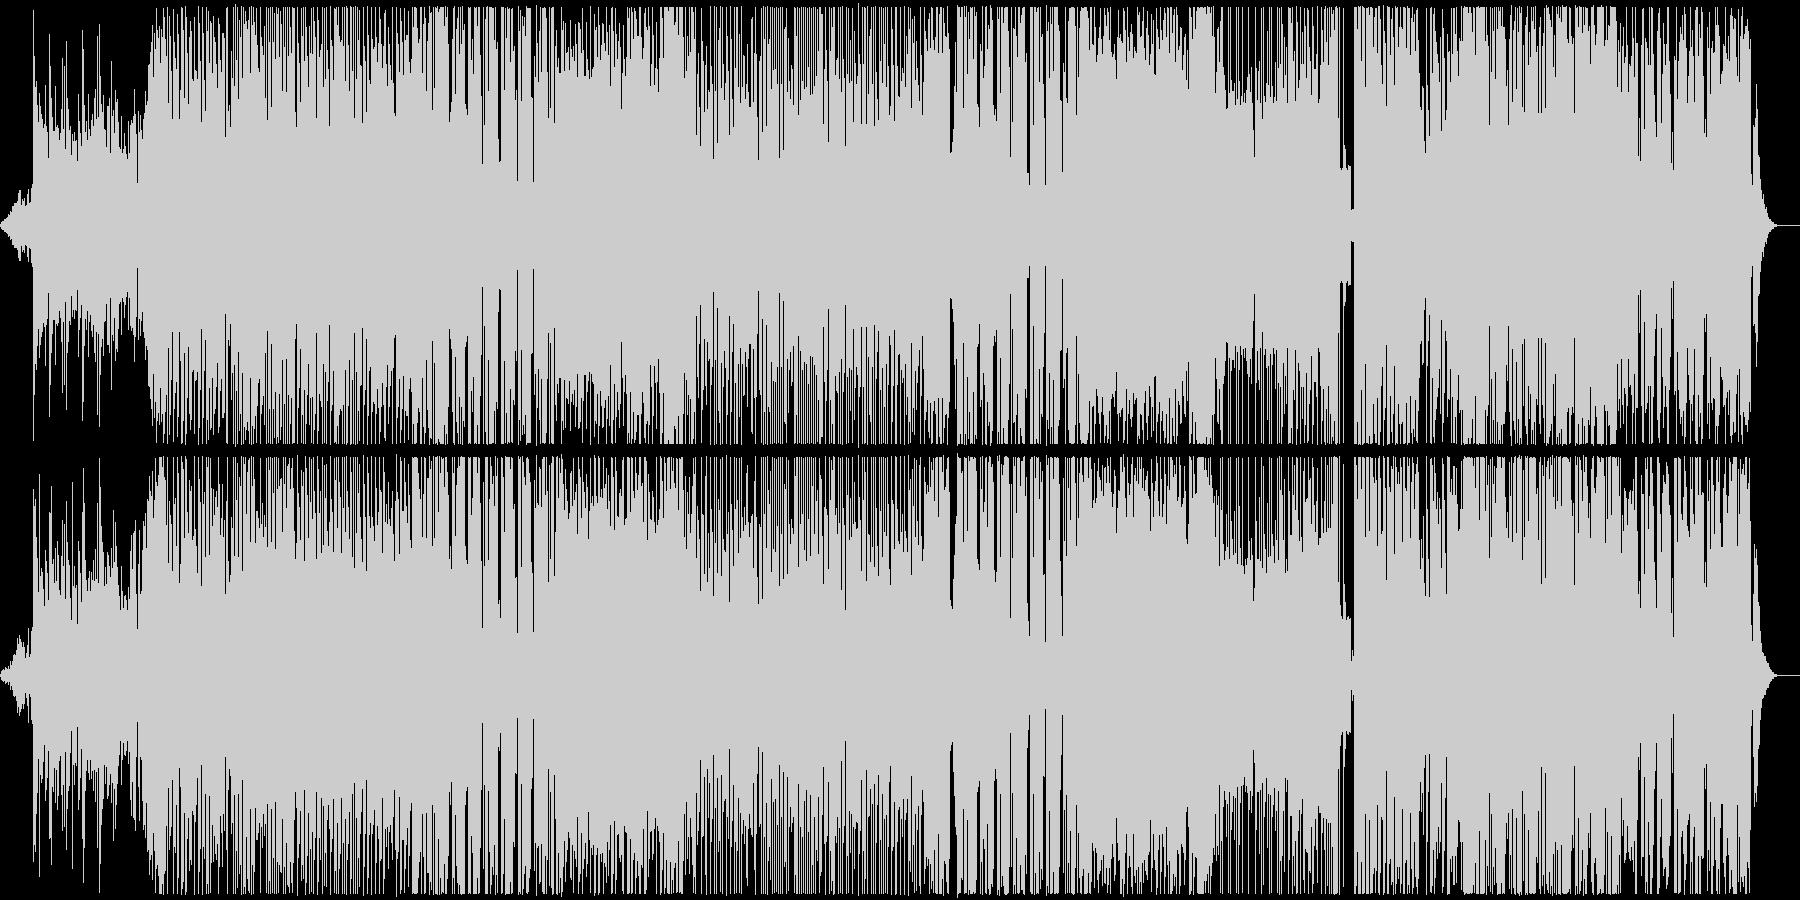 EDM系メロディアスなフューチャーベースの未再生の波形